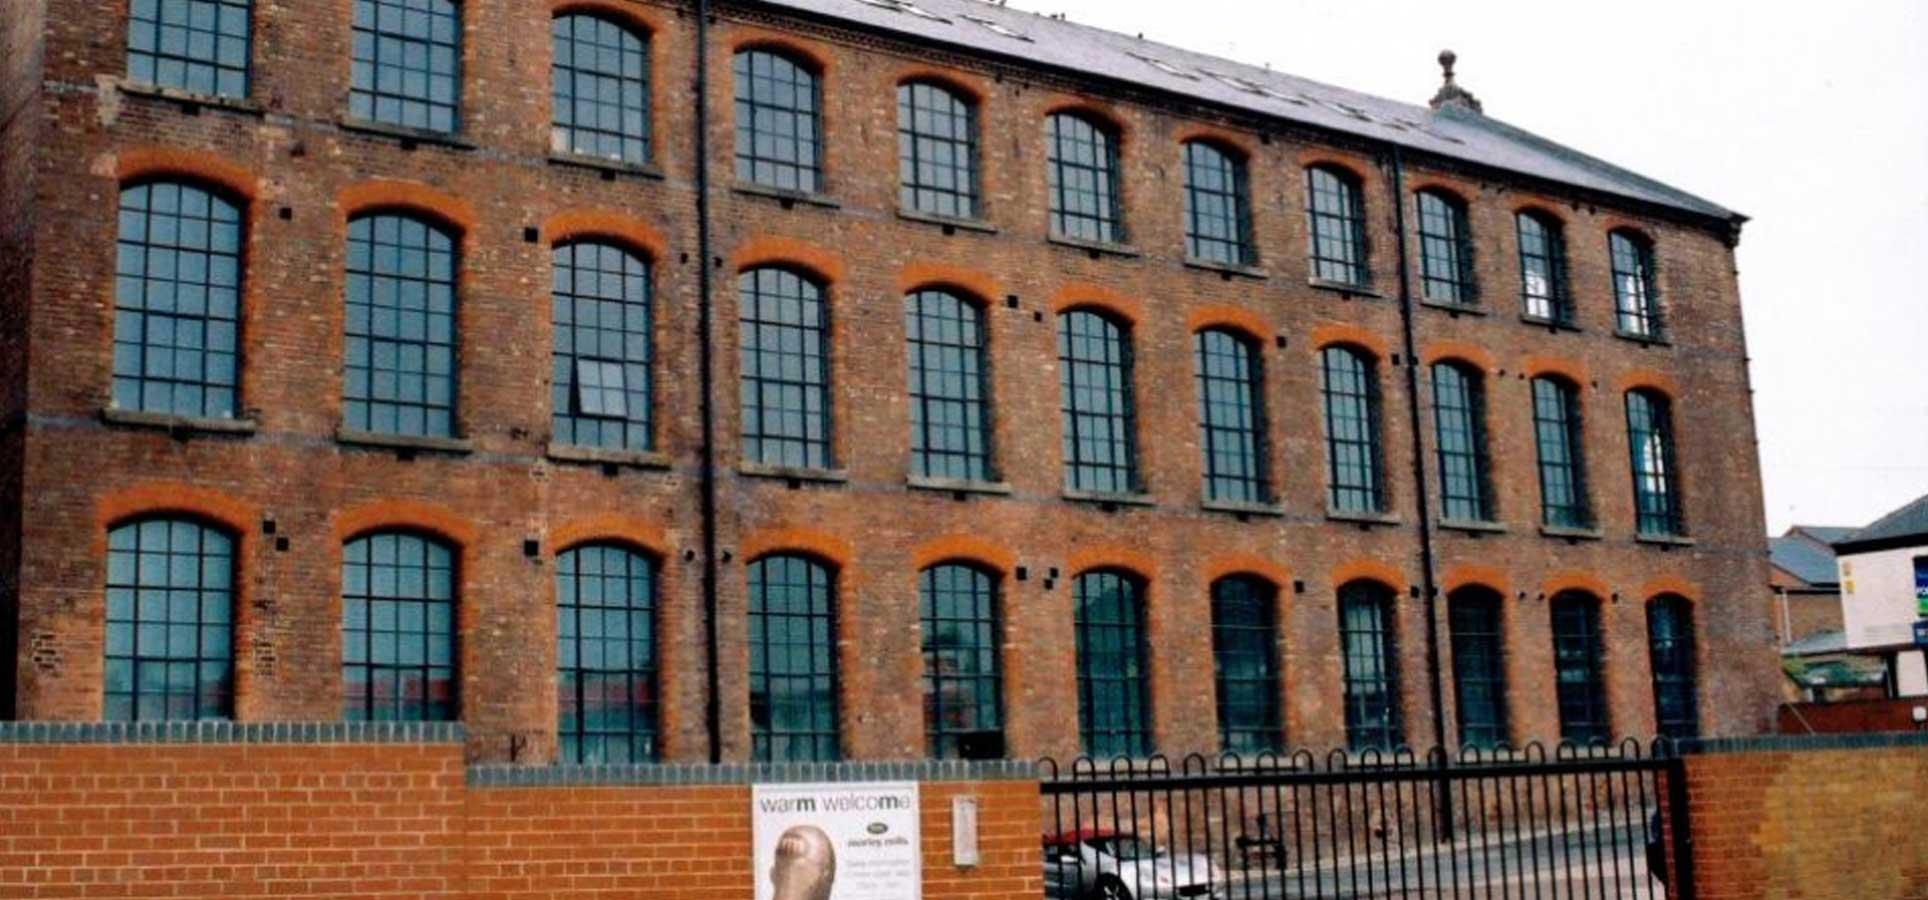 MORLEY MILLS, Jessops Construction Ltd